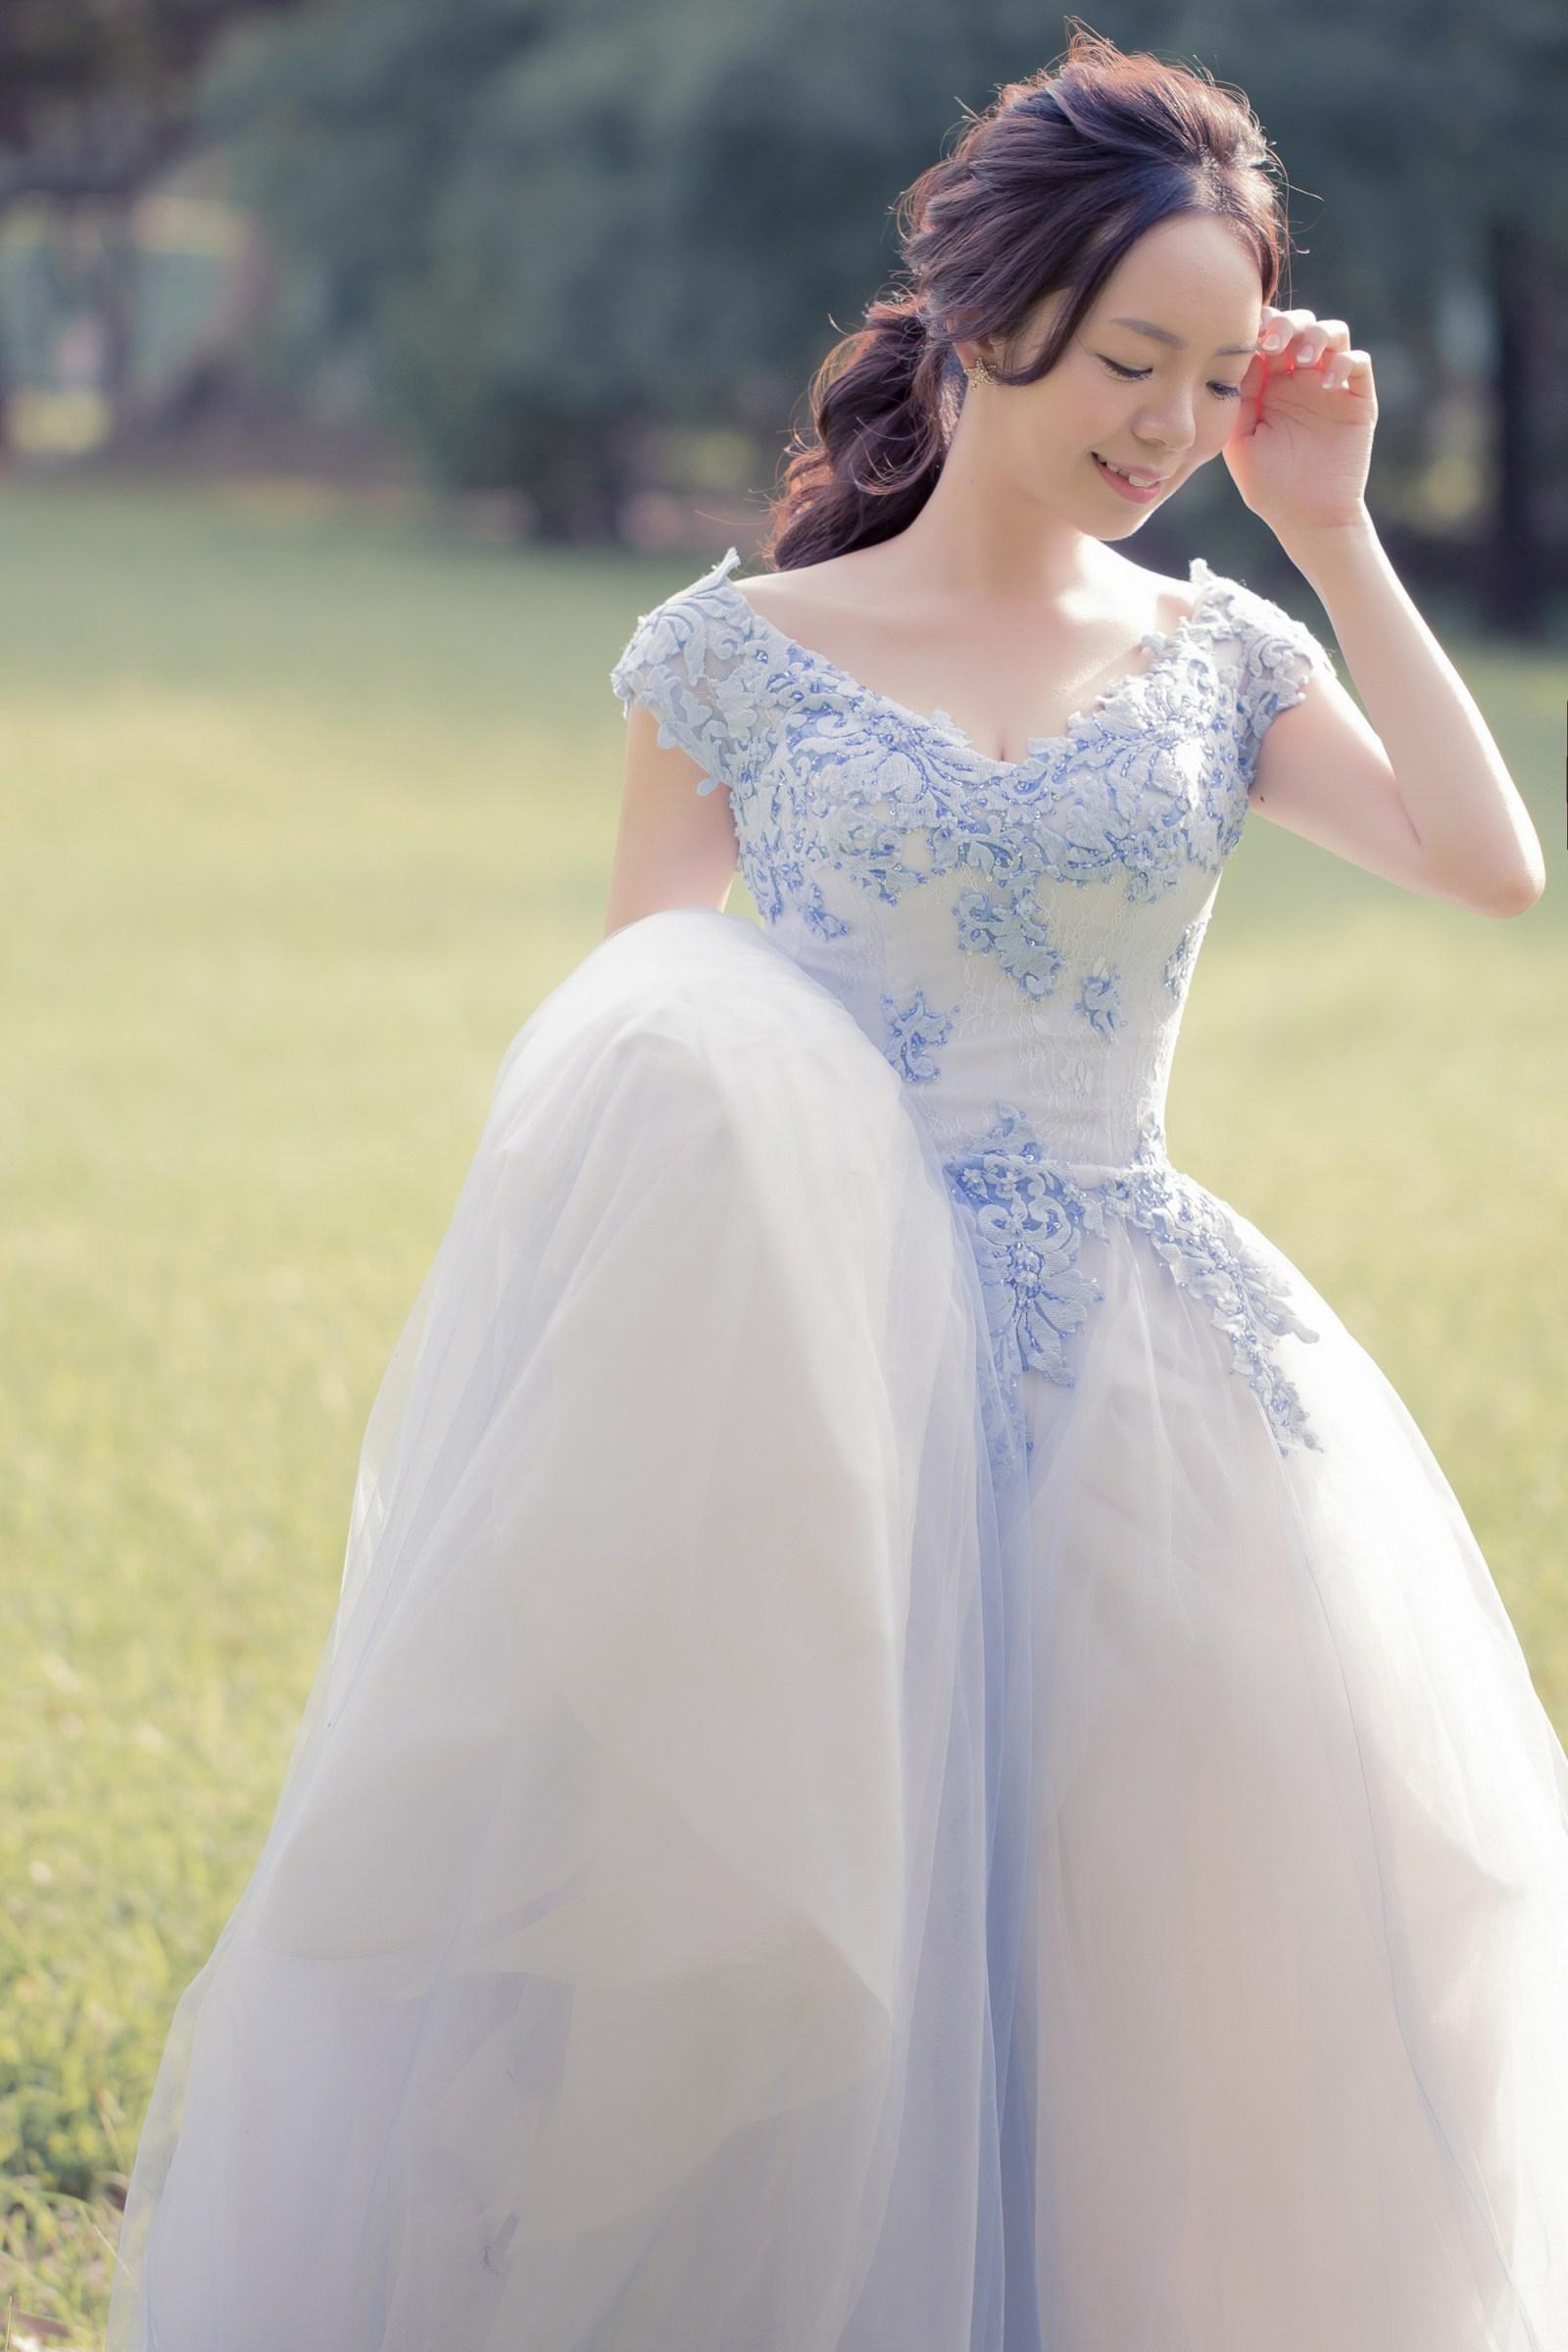 清新唯美 婚紗照推薦,婚紗攝影,自助婚紗,婚紗照風格